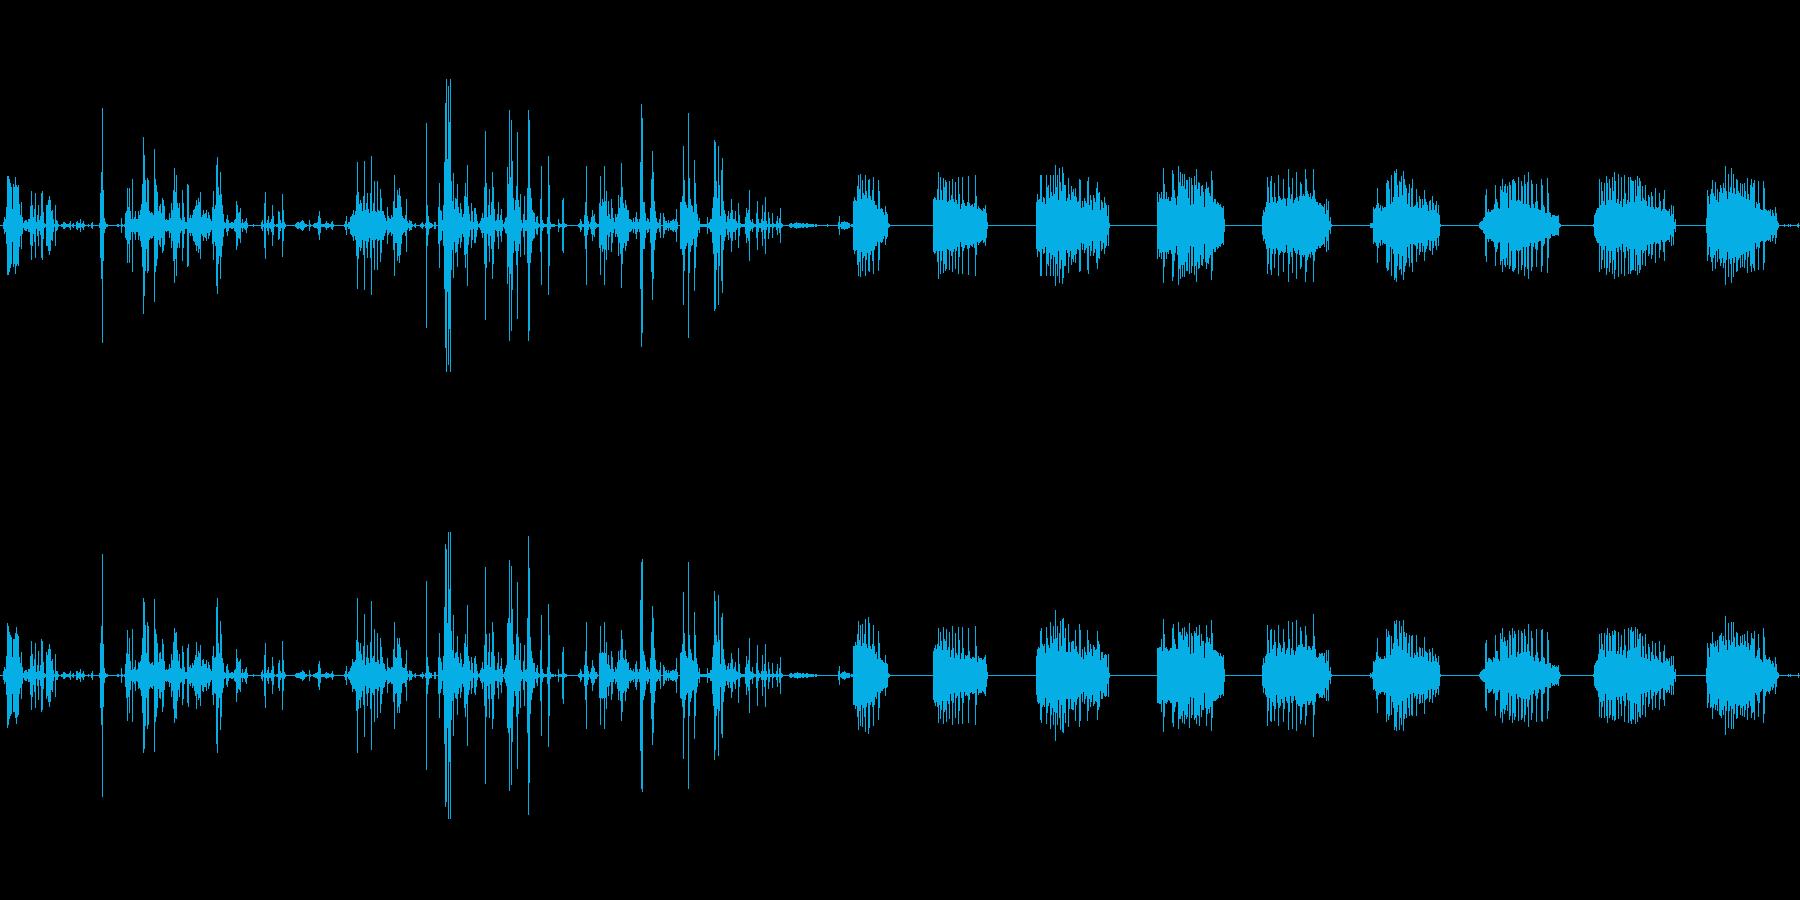 ラック:サウンドのセットアップクラ...の再生済みの波形